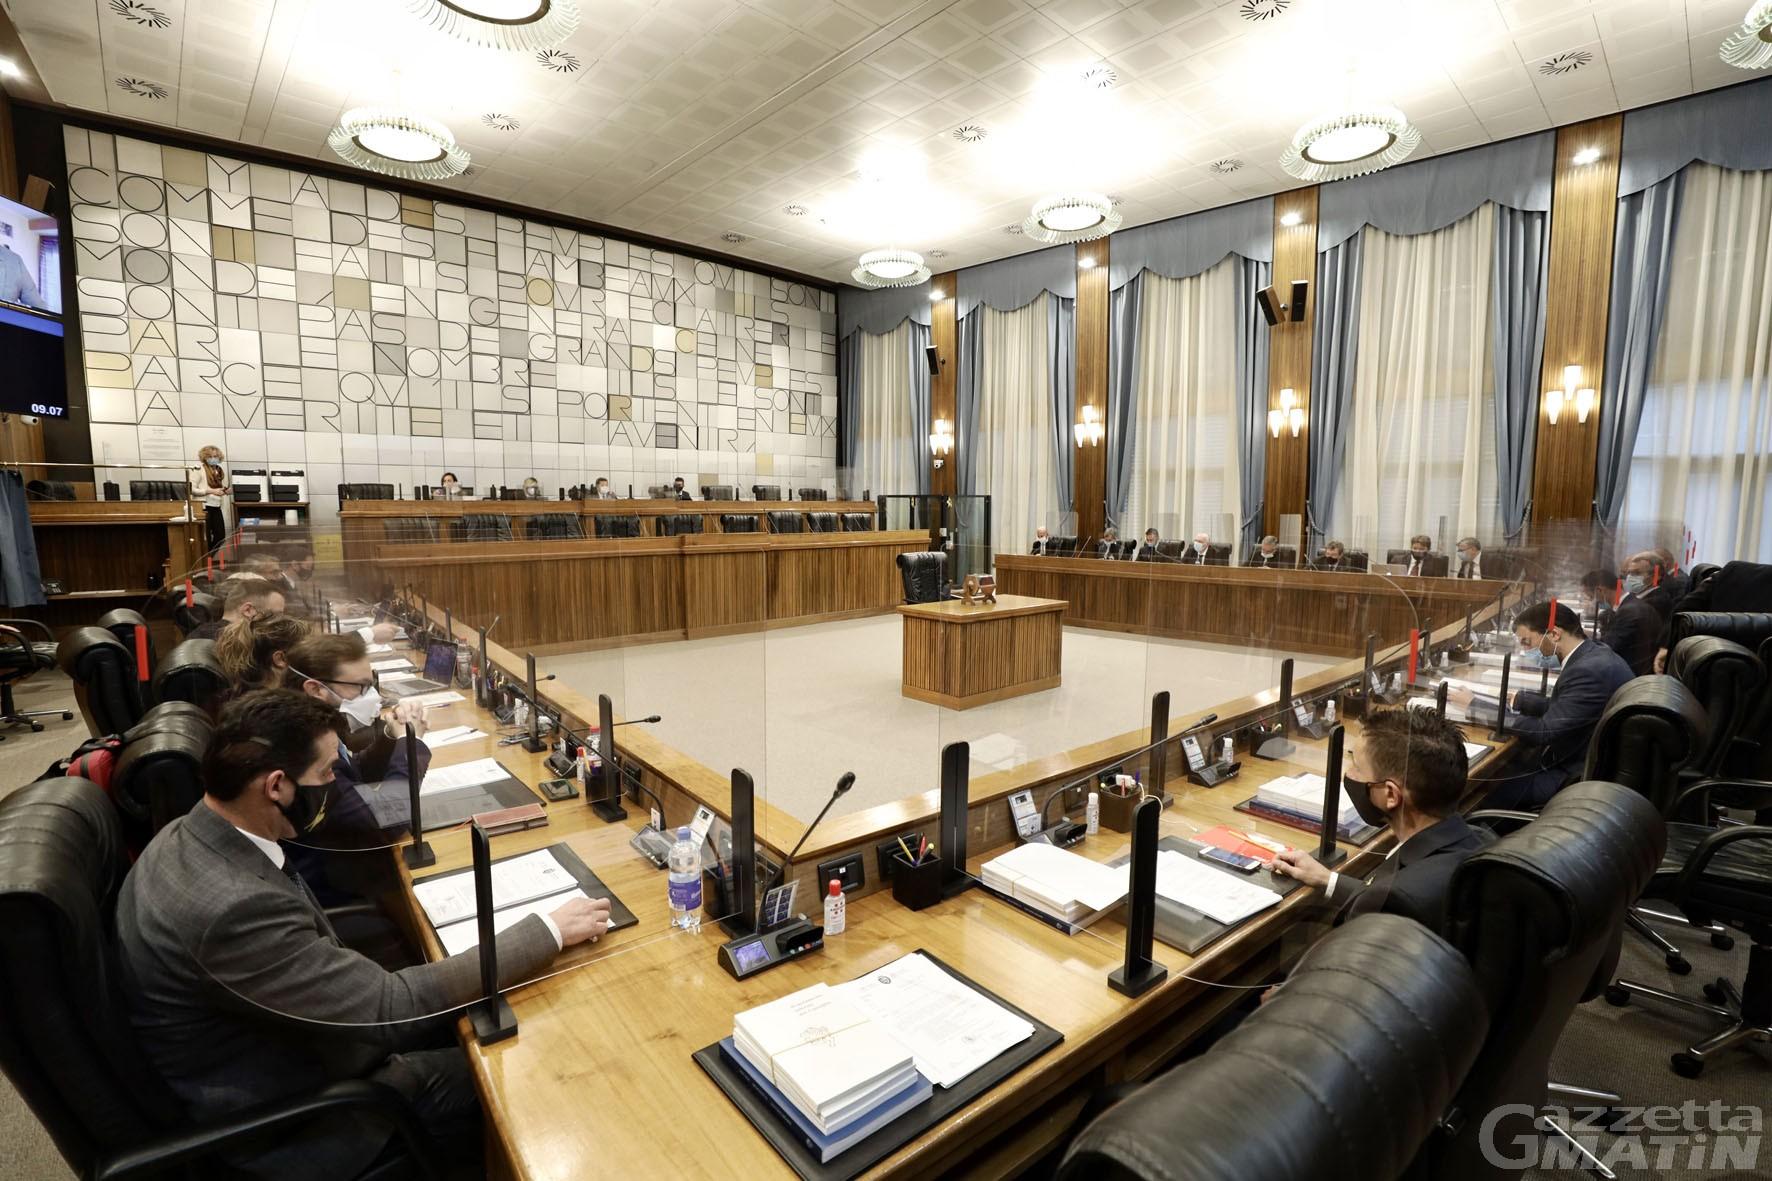 Consiglio Valle: approvato il bilancio di previsione 2021-2023, 2.032 miliardi di euro per il prossimo anno